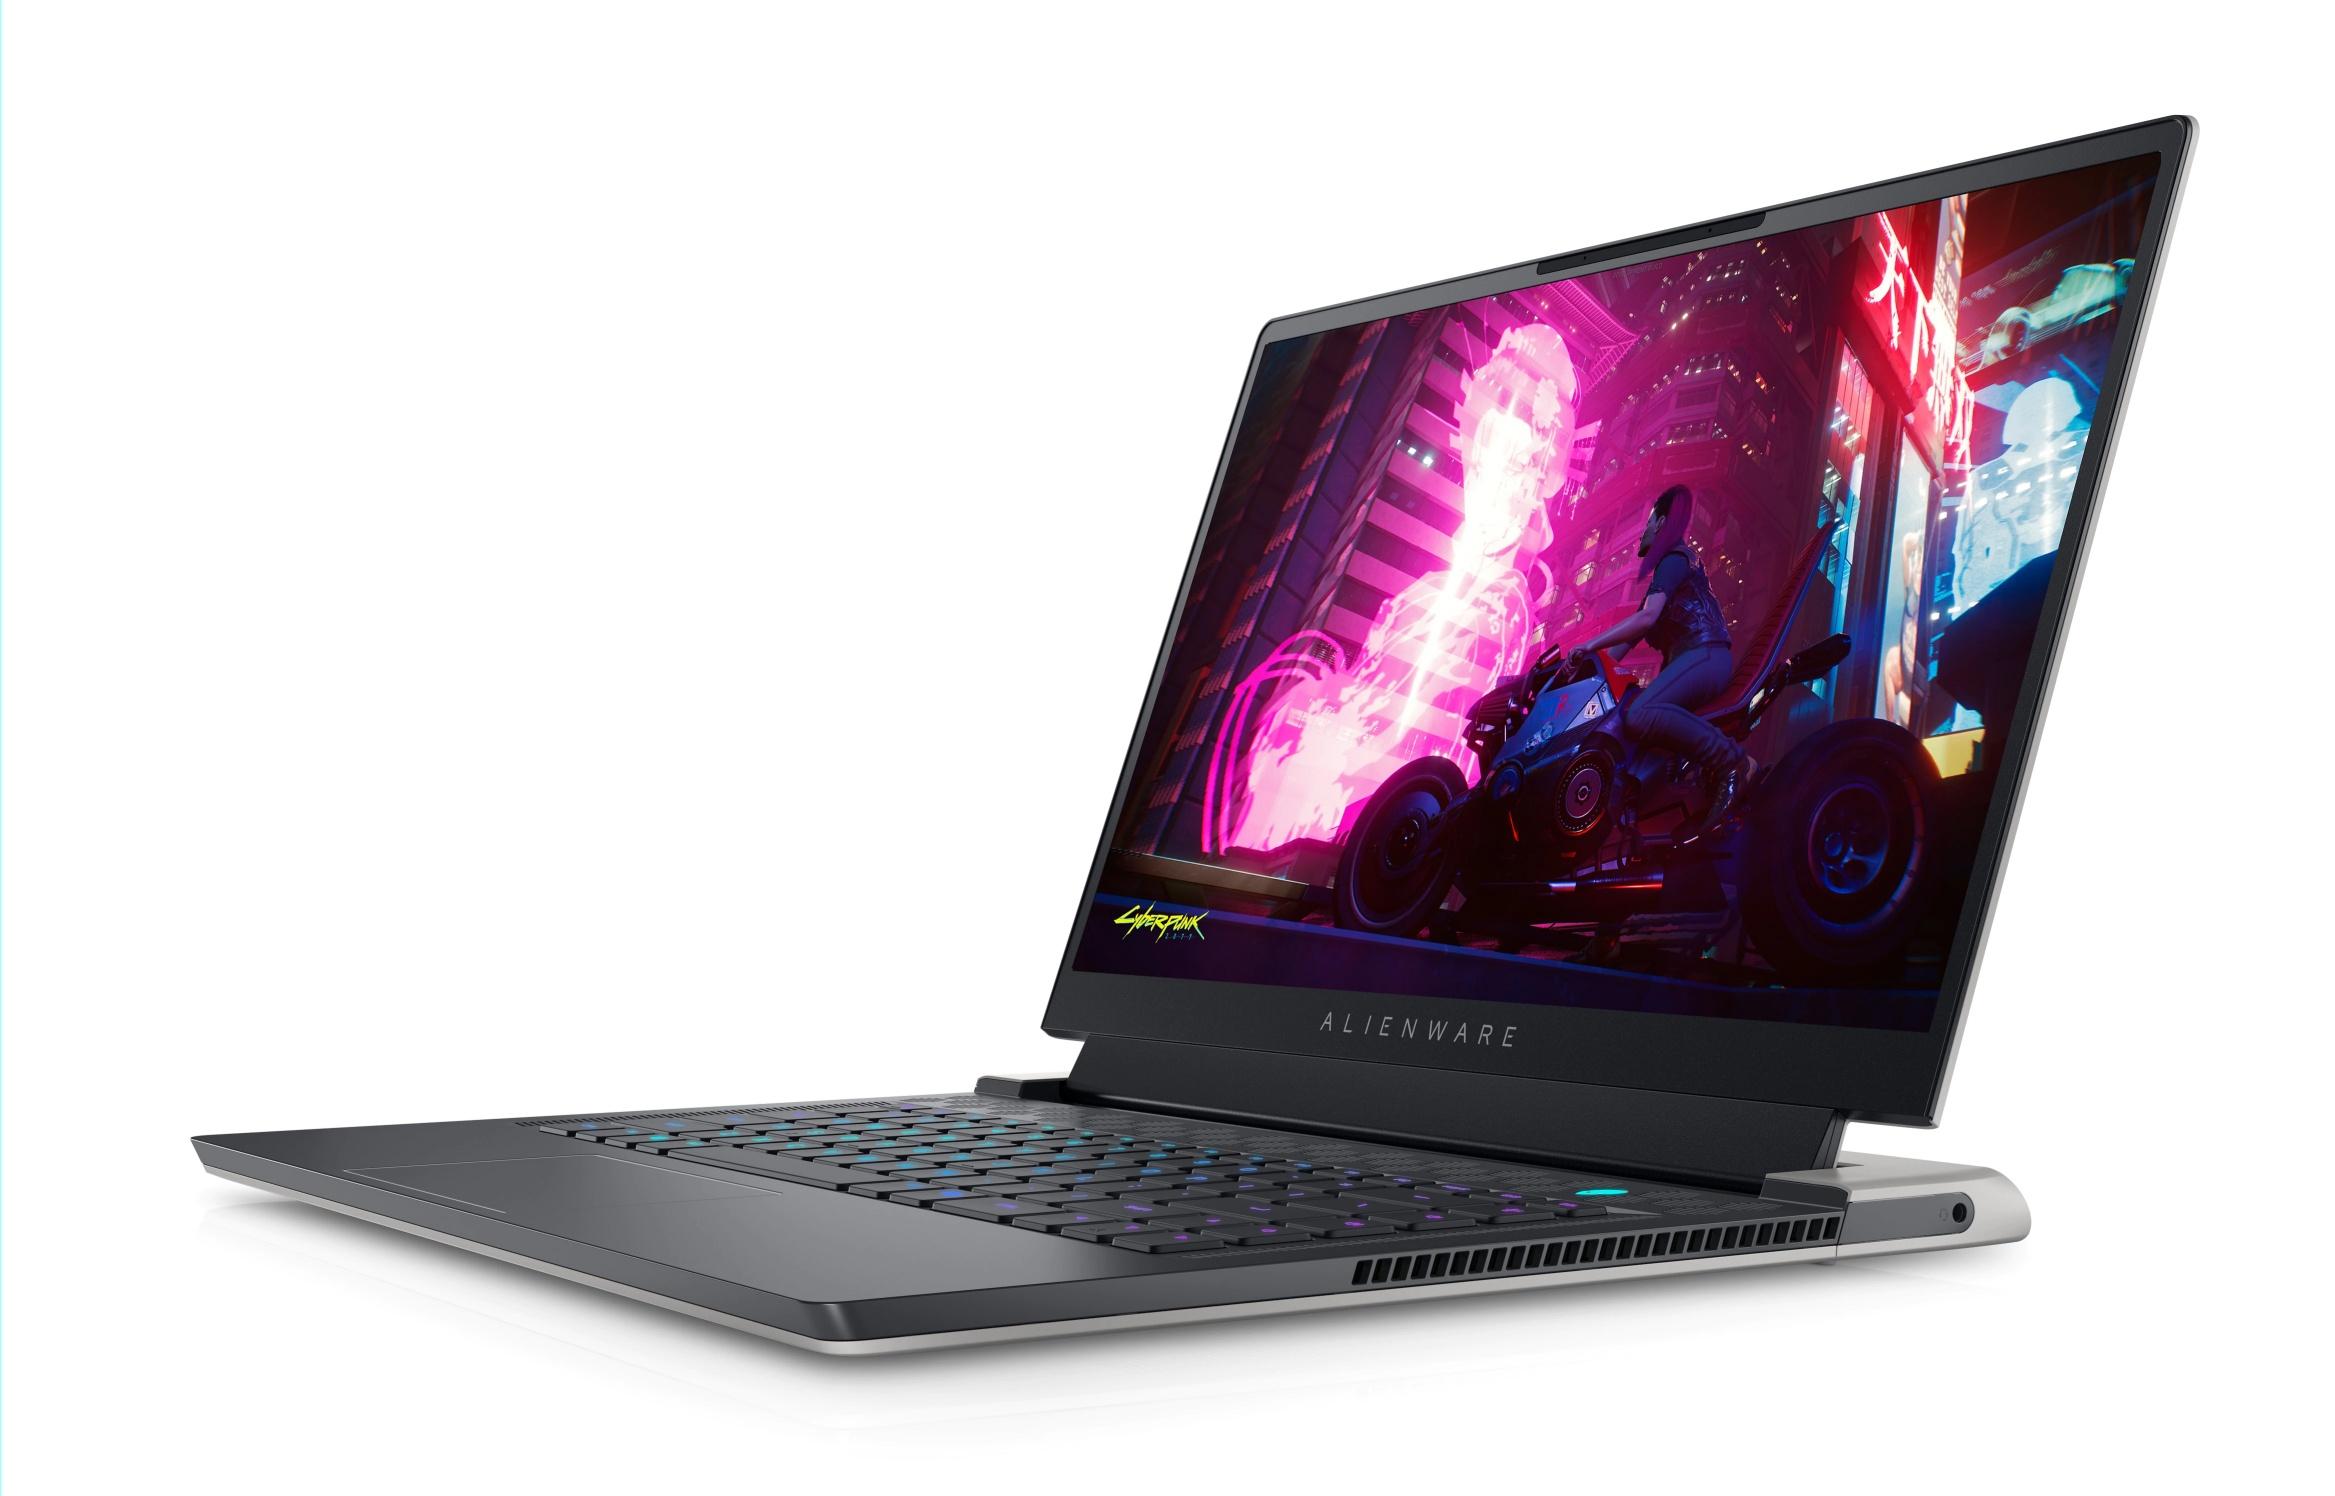 DELL Alienware x15 R1の画像